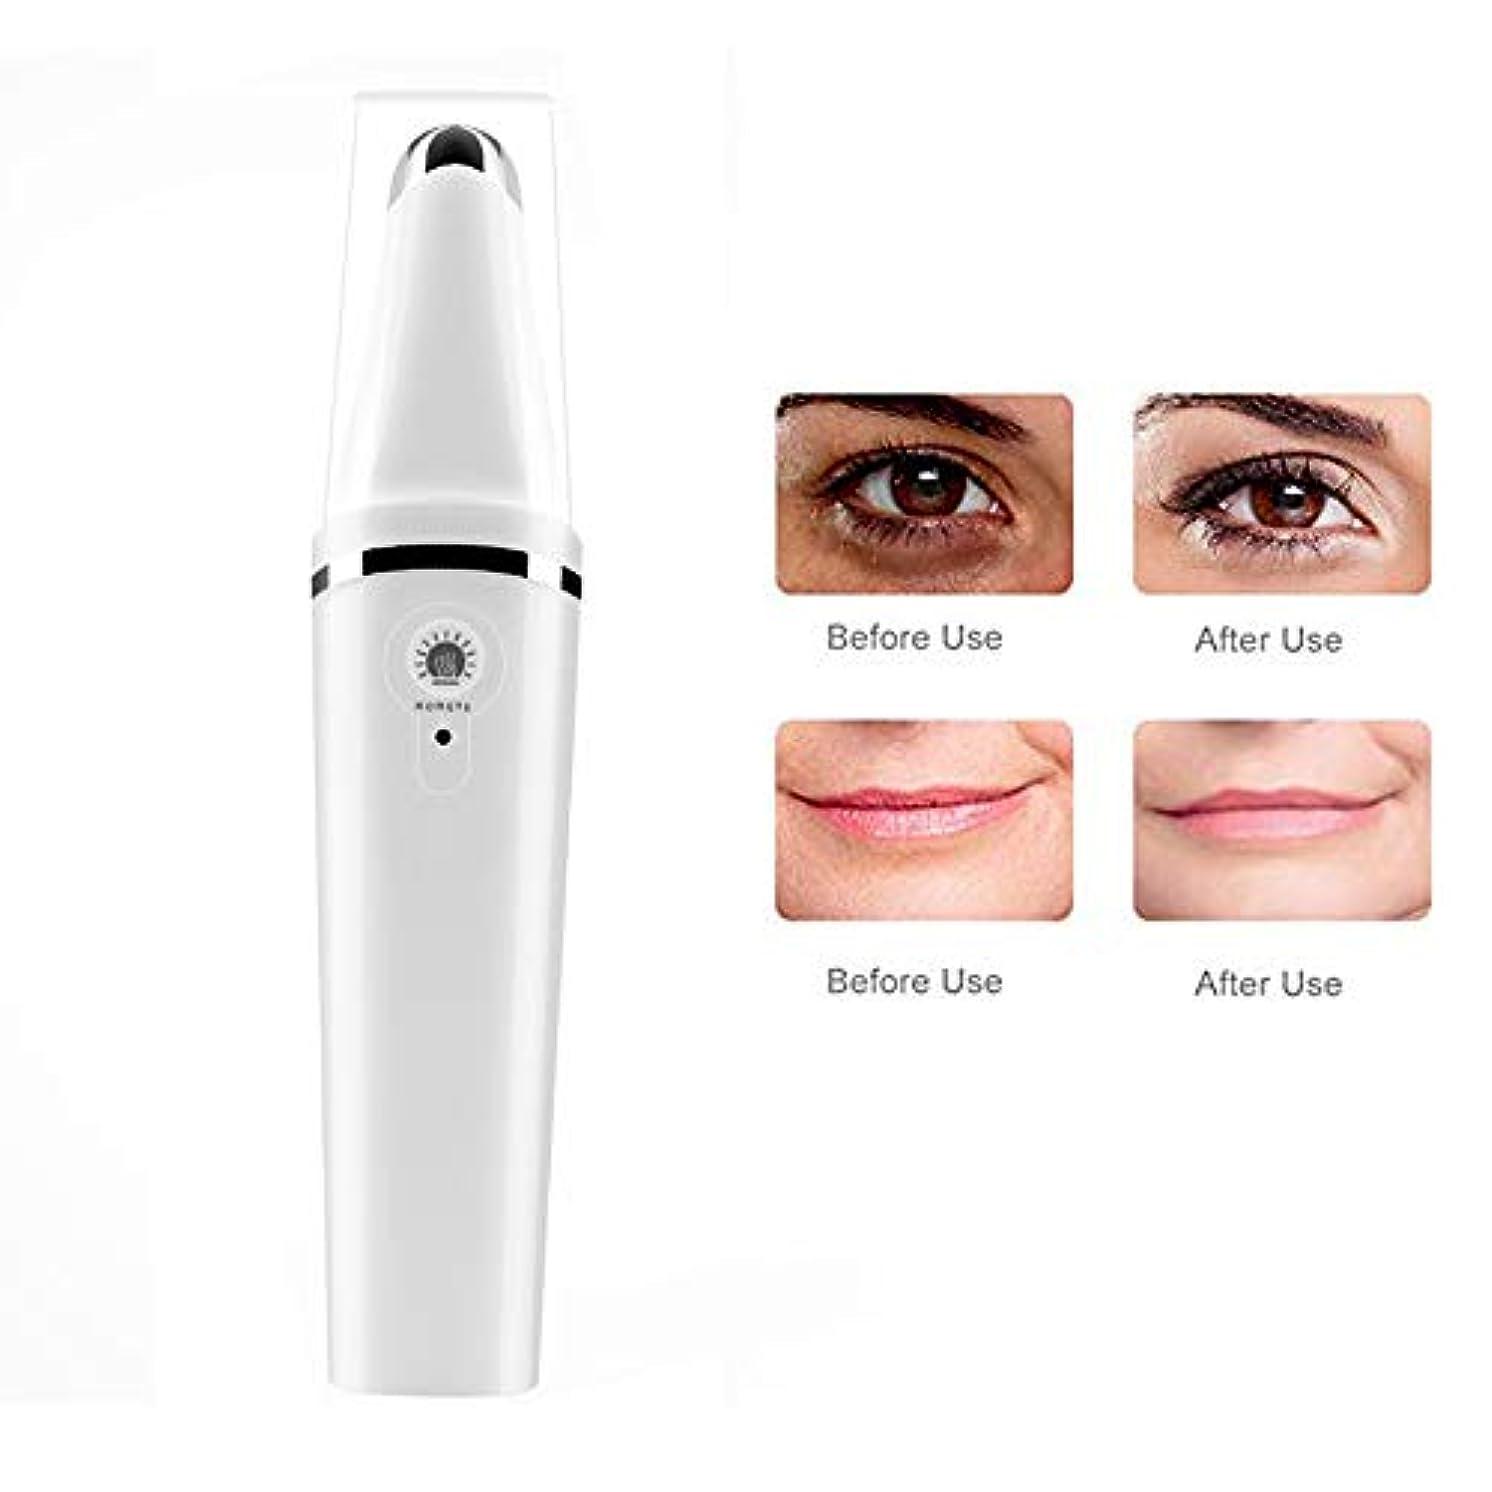 汚染された前進委託美しい目の美しさ唇楽器高周波振動ホワイト家庭用フェードアイバッグダークサークルイオン美容インポート楽器usb充電アイメーター